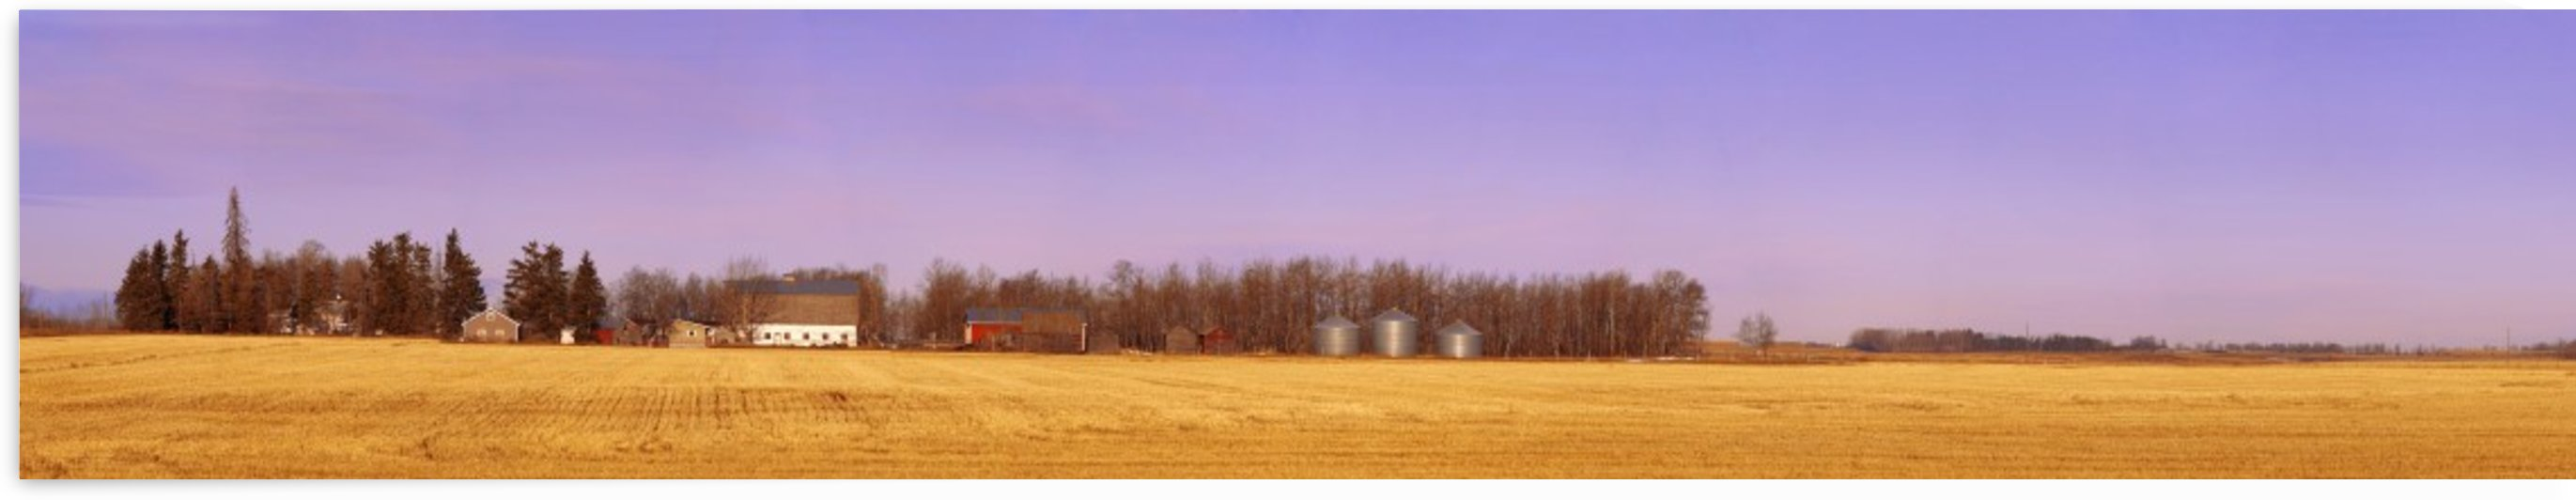 Farm Scene North Of Calgary, Alberta by PacificStock